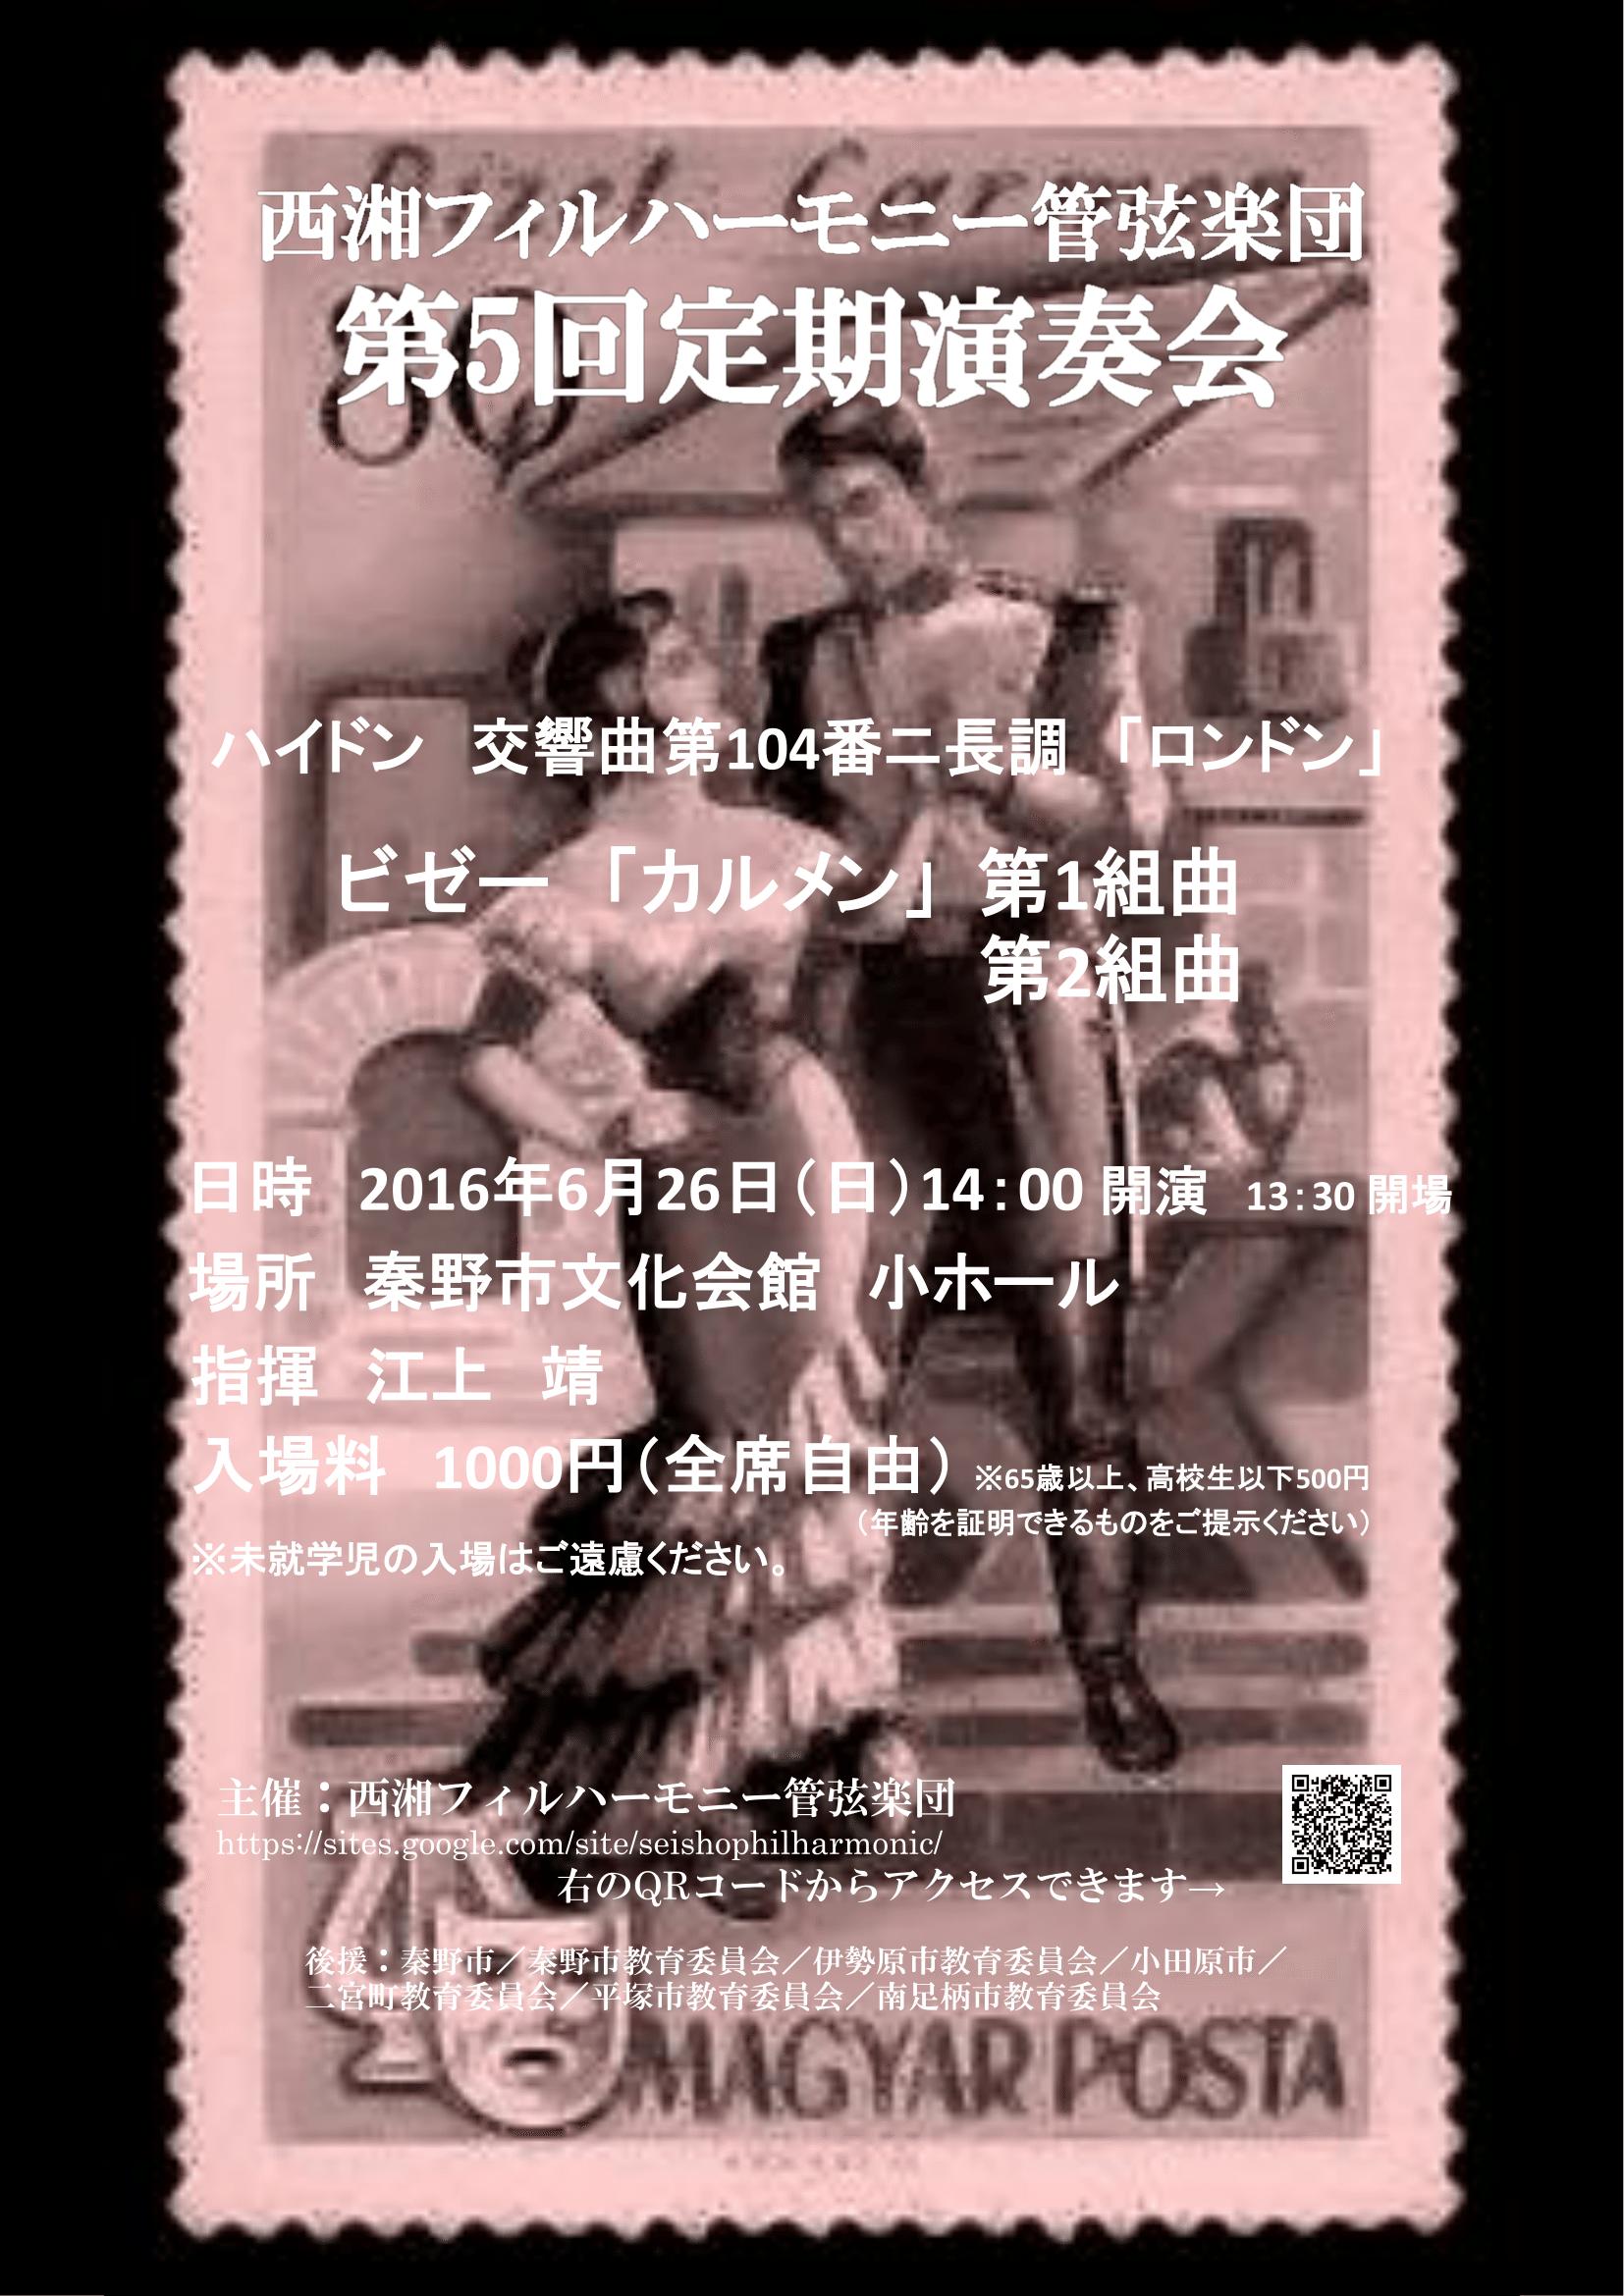 西湘フィルハーモニー管弦楽団 第五回定期演奏会